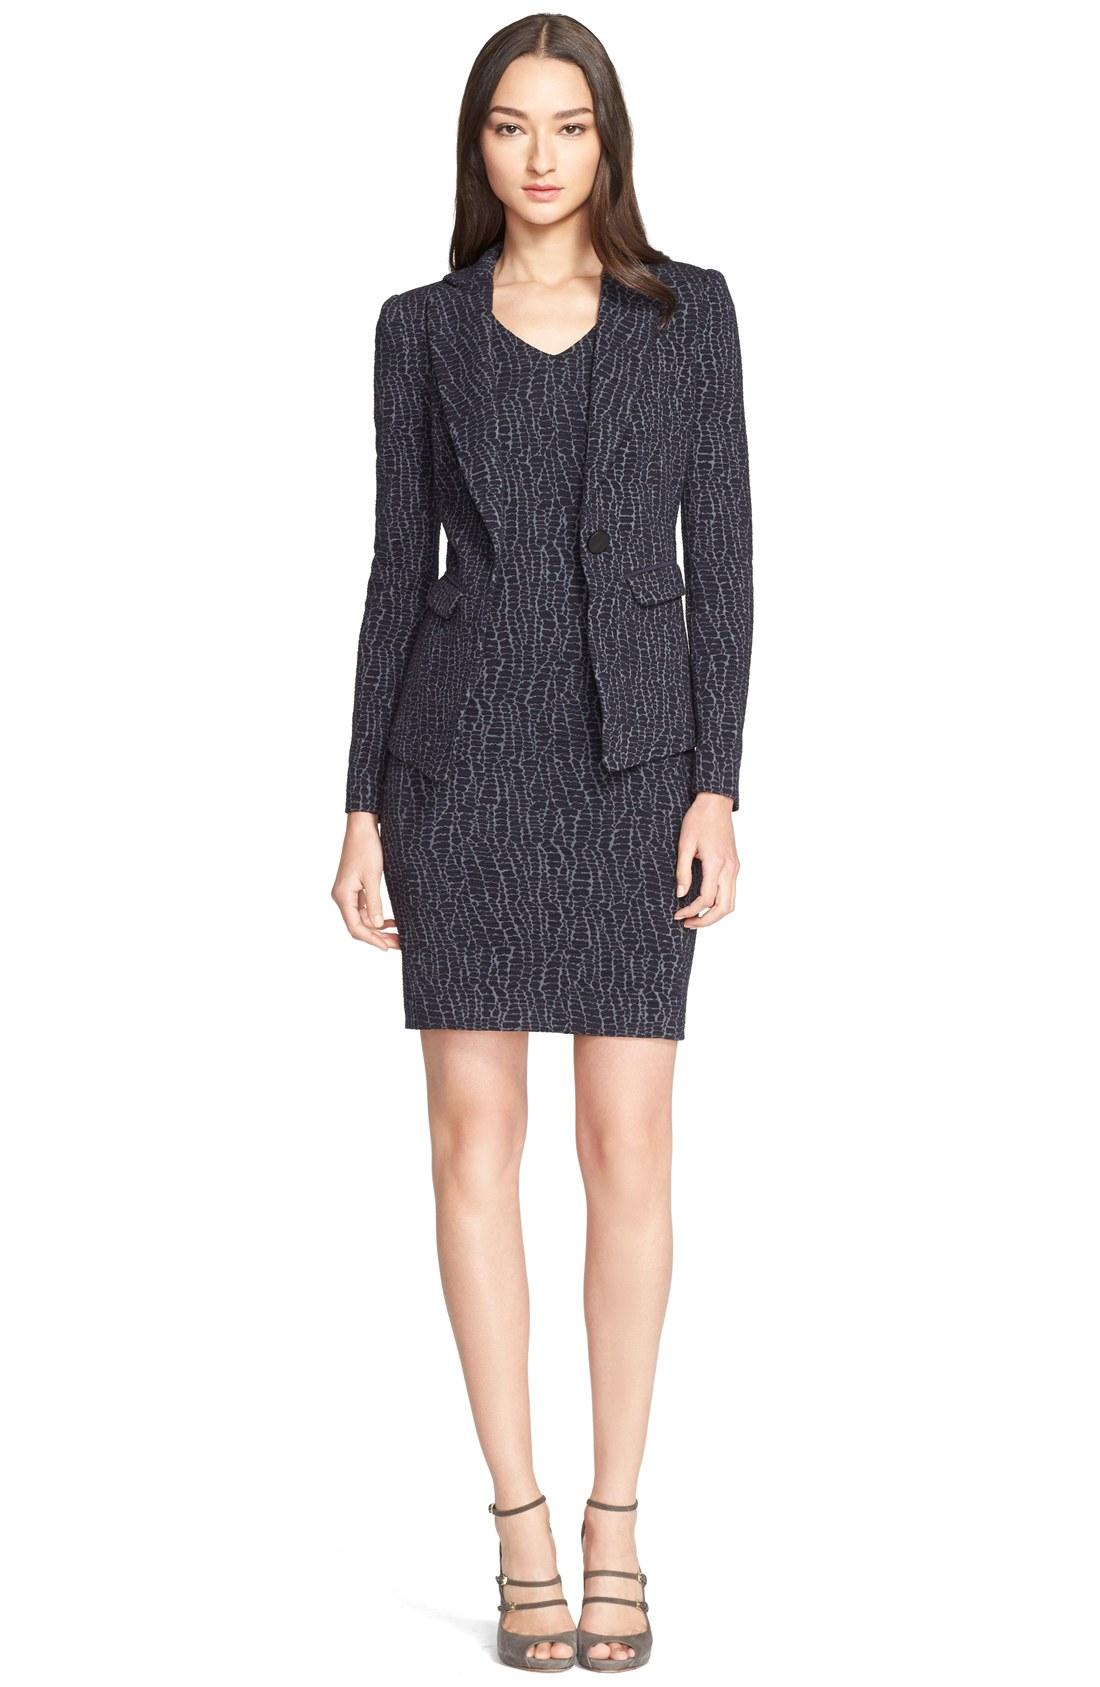 Armani Workwear 16-09